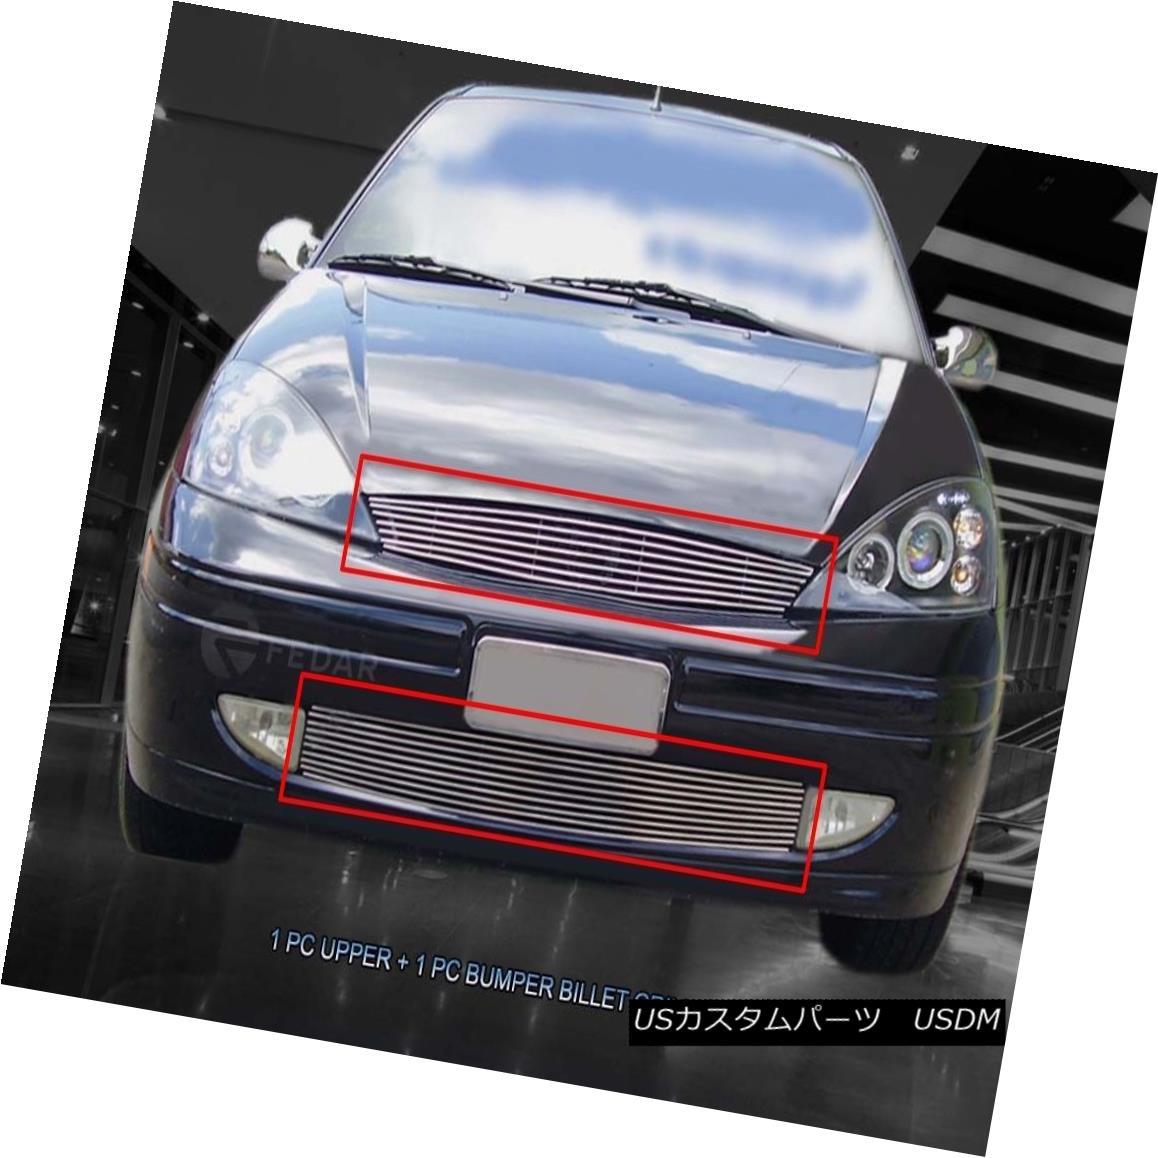 グリル 00-04 Ford Focus Billet Grille Grille Combo Insert Fedar 00-04 Ford Focus BilletグリルグリルコンボインサートFedar